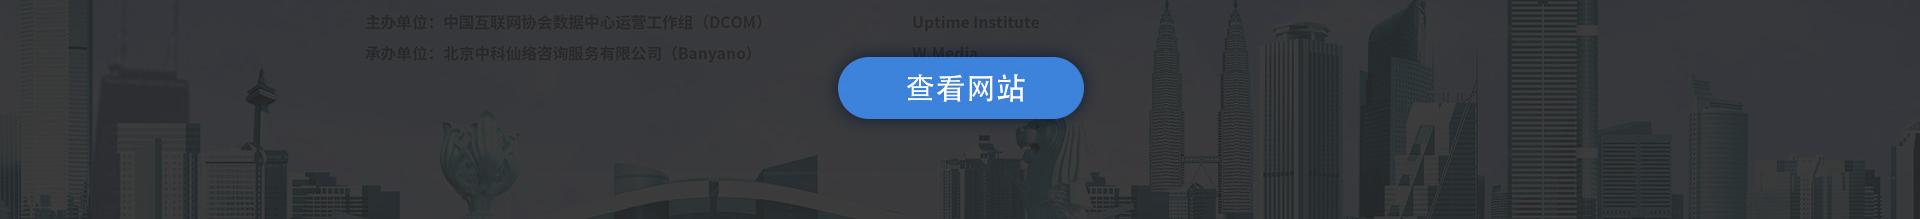 宁波飞色-黄日华-云企案例2_02